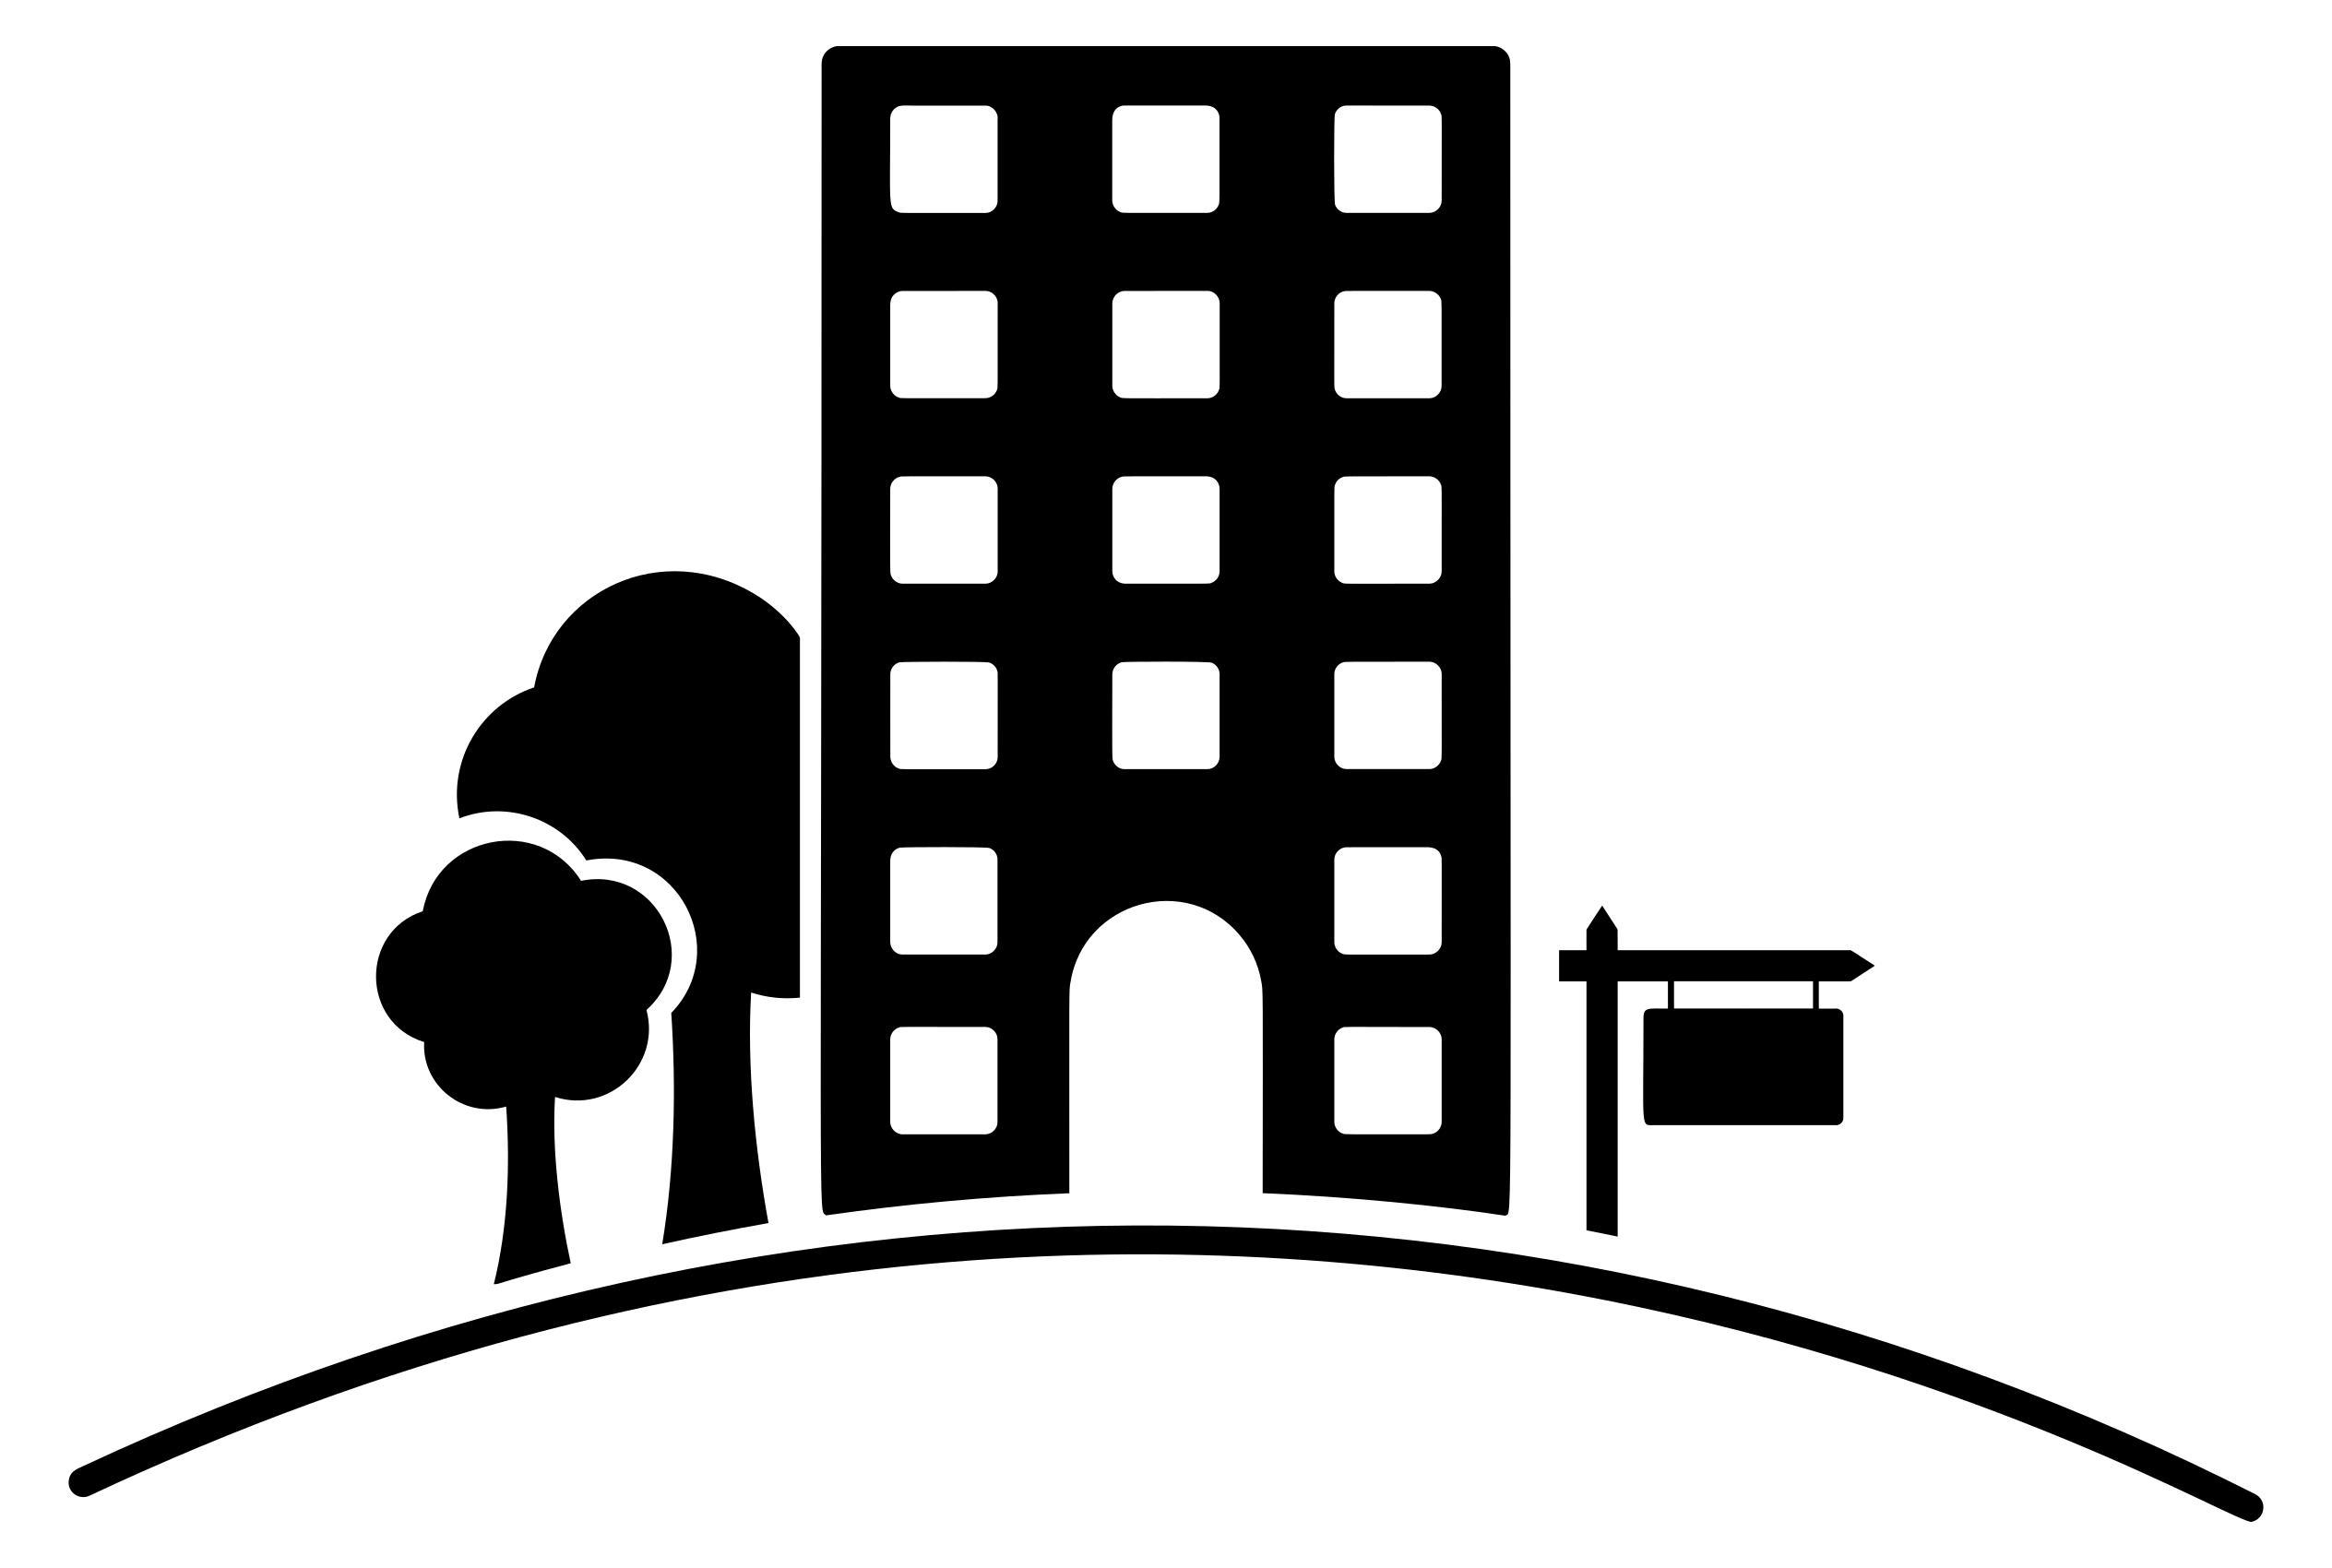 Apartment clipart building design, Apartment building design.